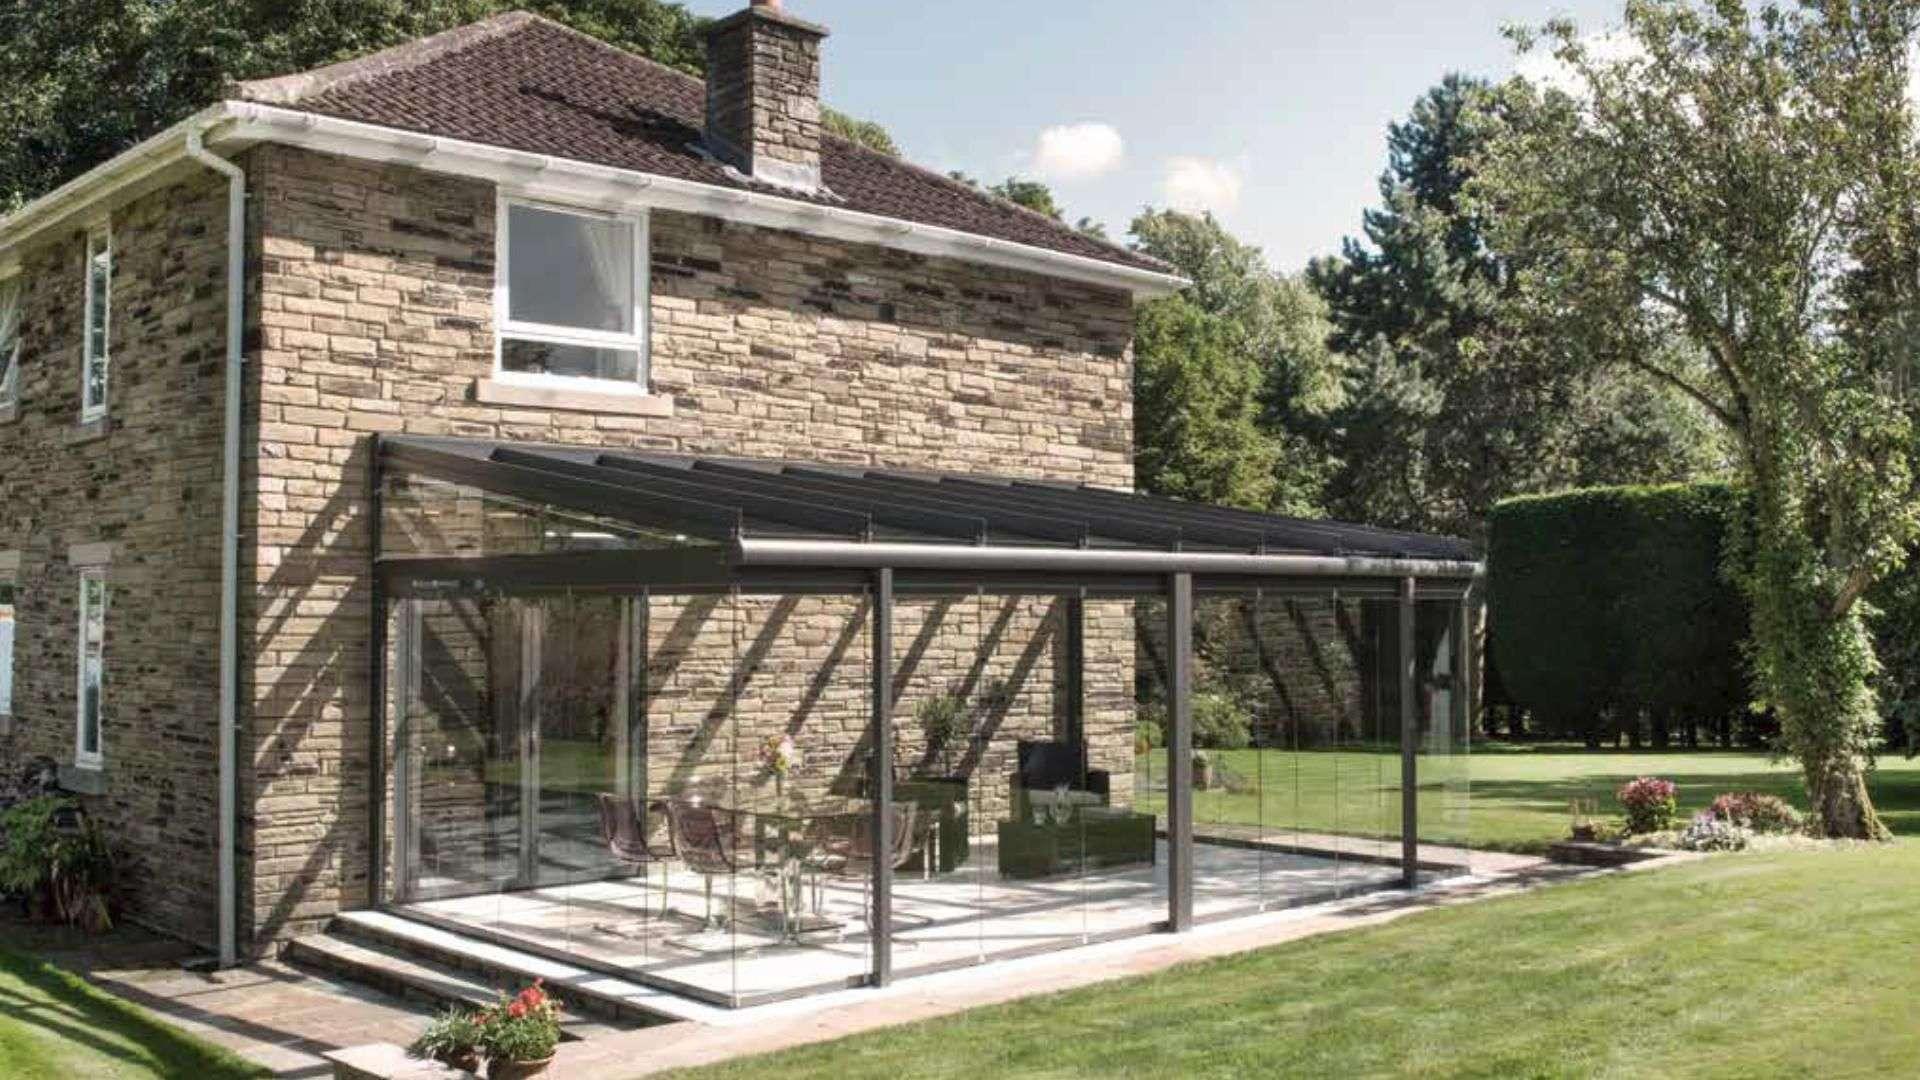 Haus aus Stein mir grauem Glashaus auf der Terrasse